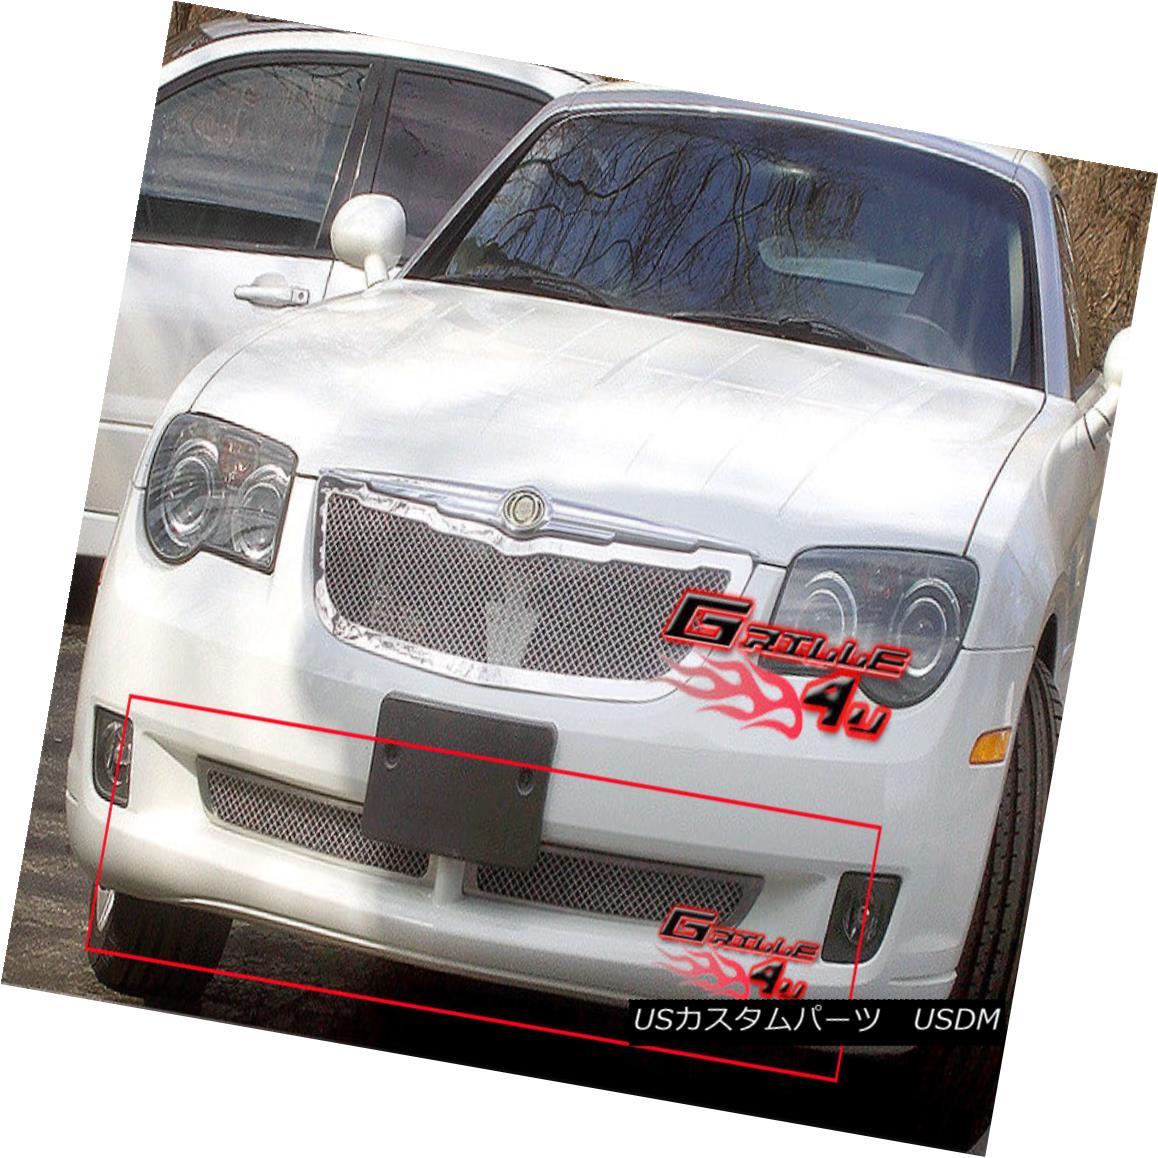 グリル For 04-08 Chrysler Crossfire Bumper Stainless Mesh Grille 04-08クライスラークロスファイアバンパーステンレスメッシュグリル